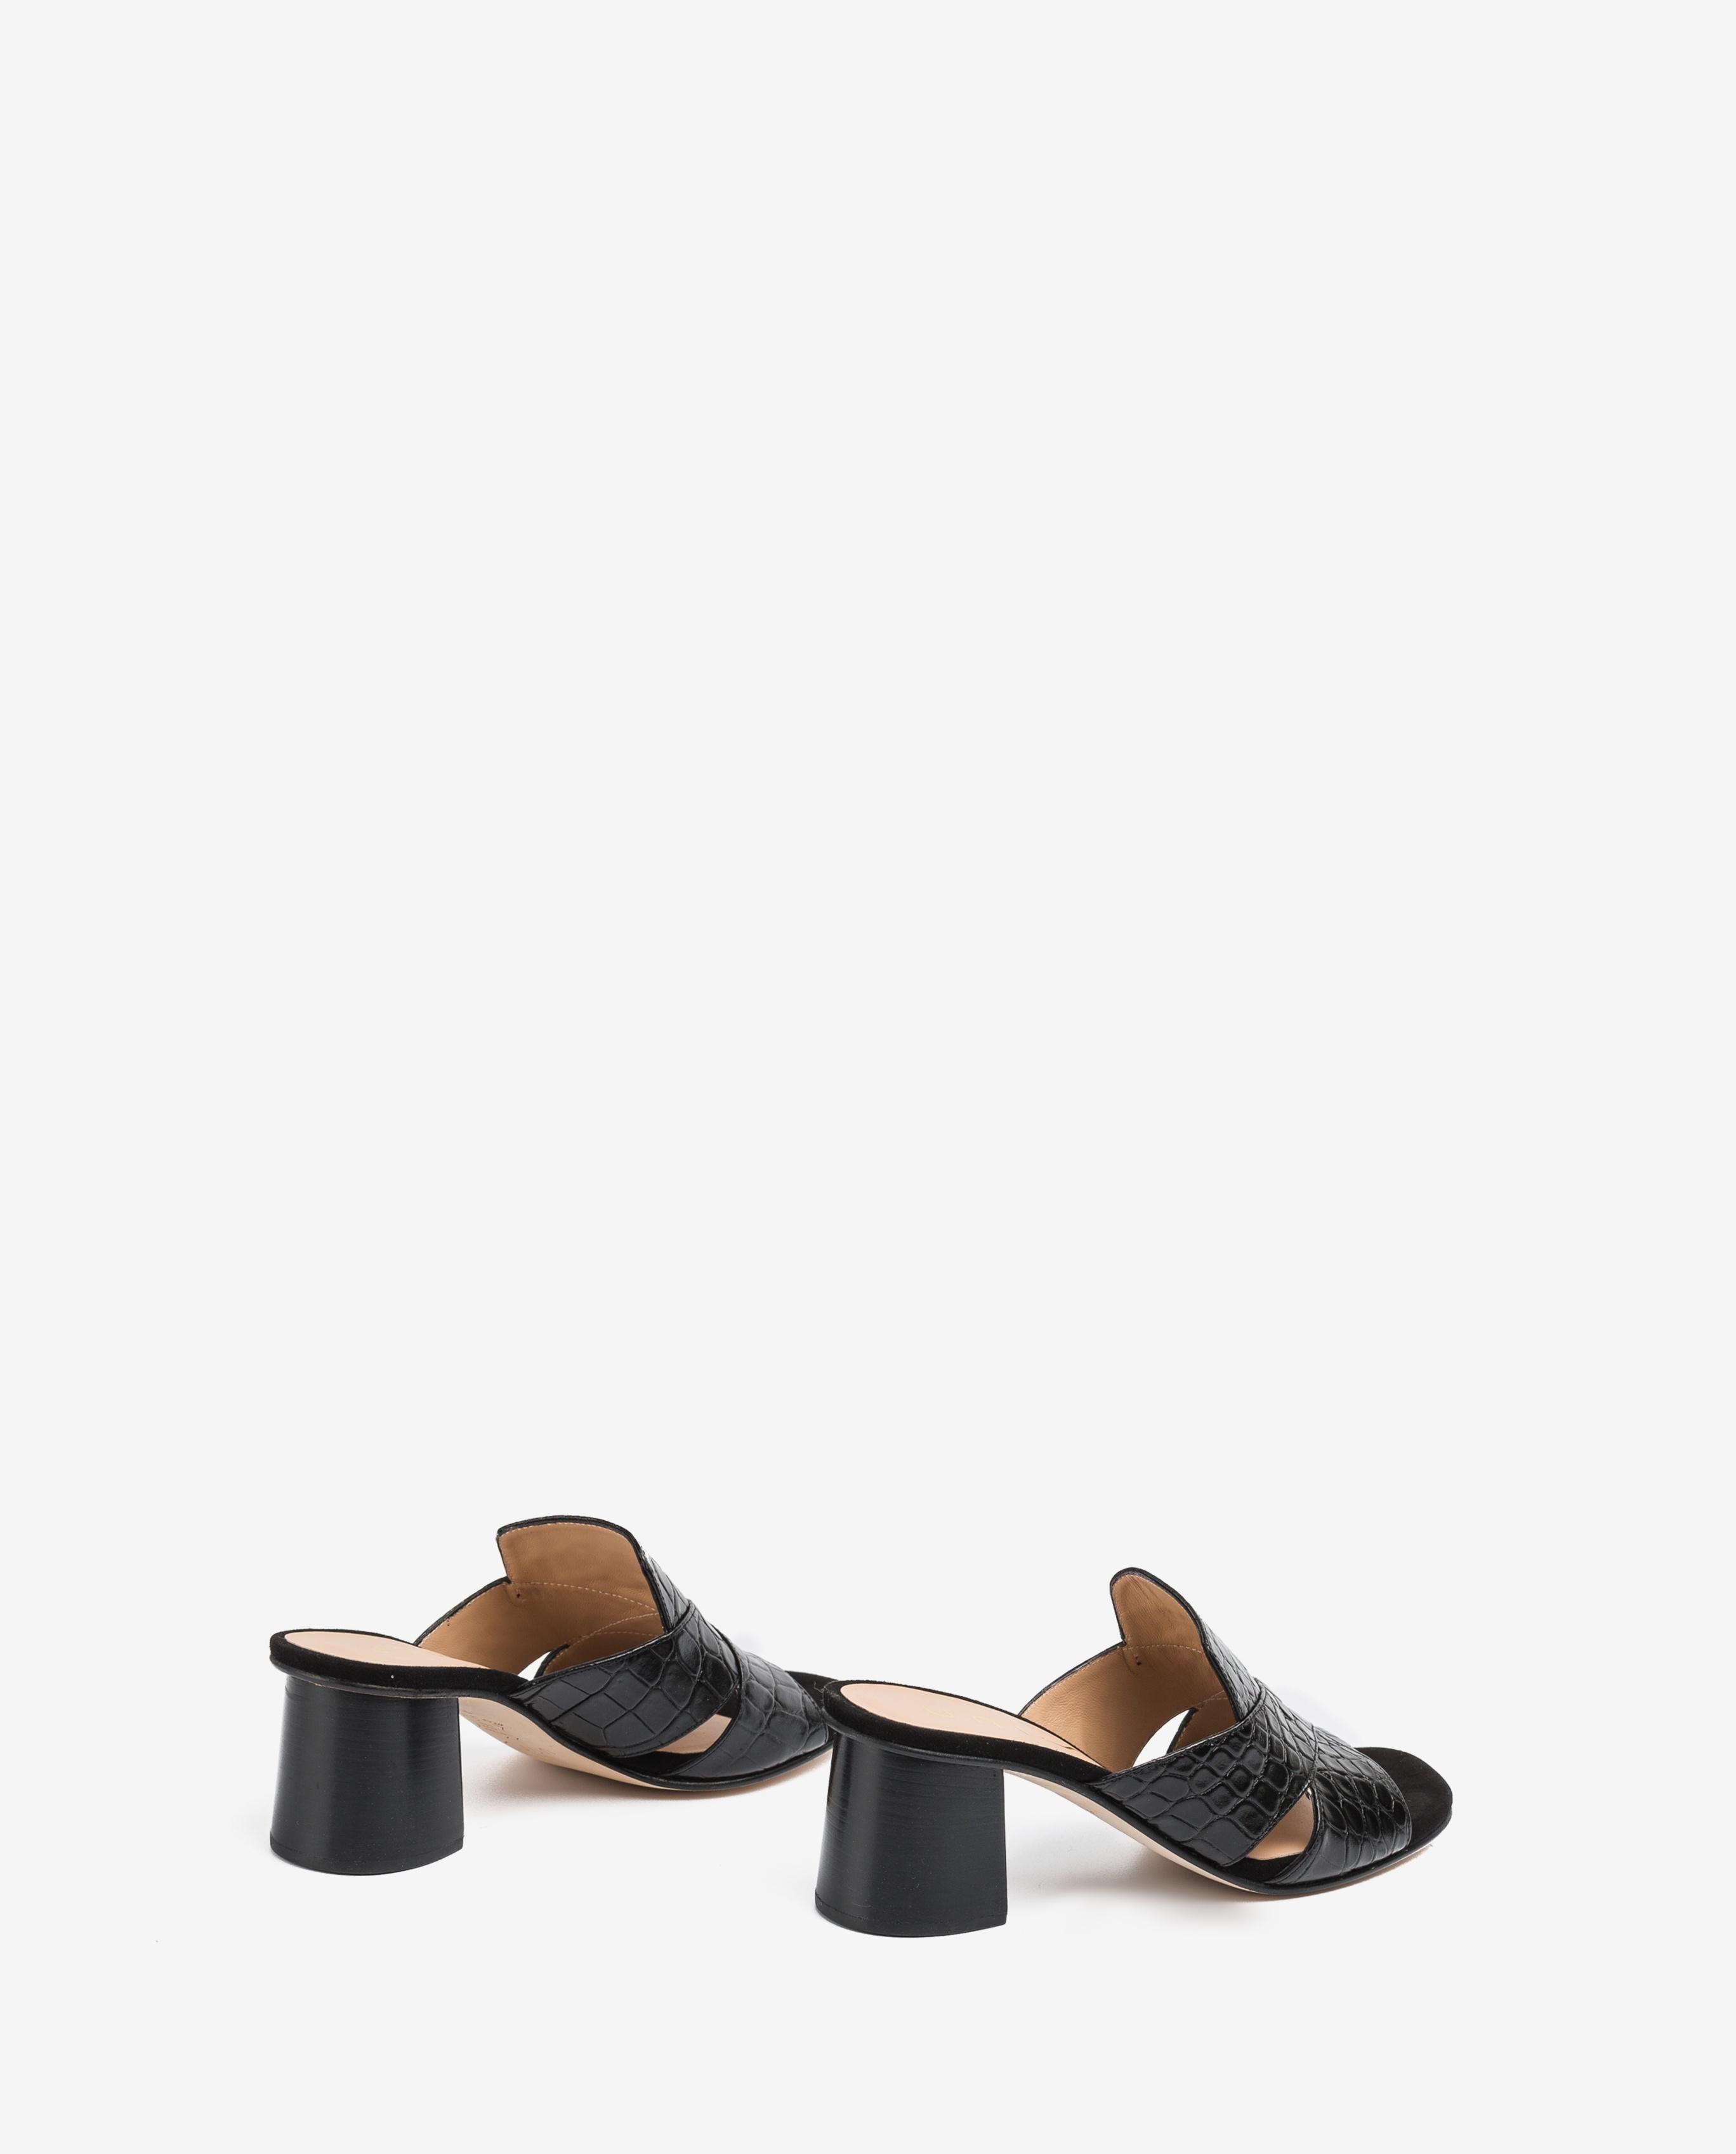 UNISA Wood effect heel contrast mules MANOLI_CRW_KS black 2